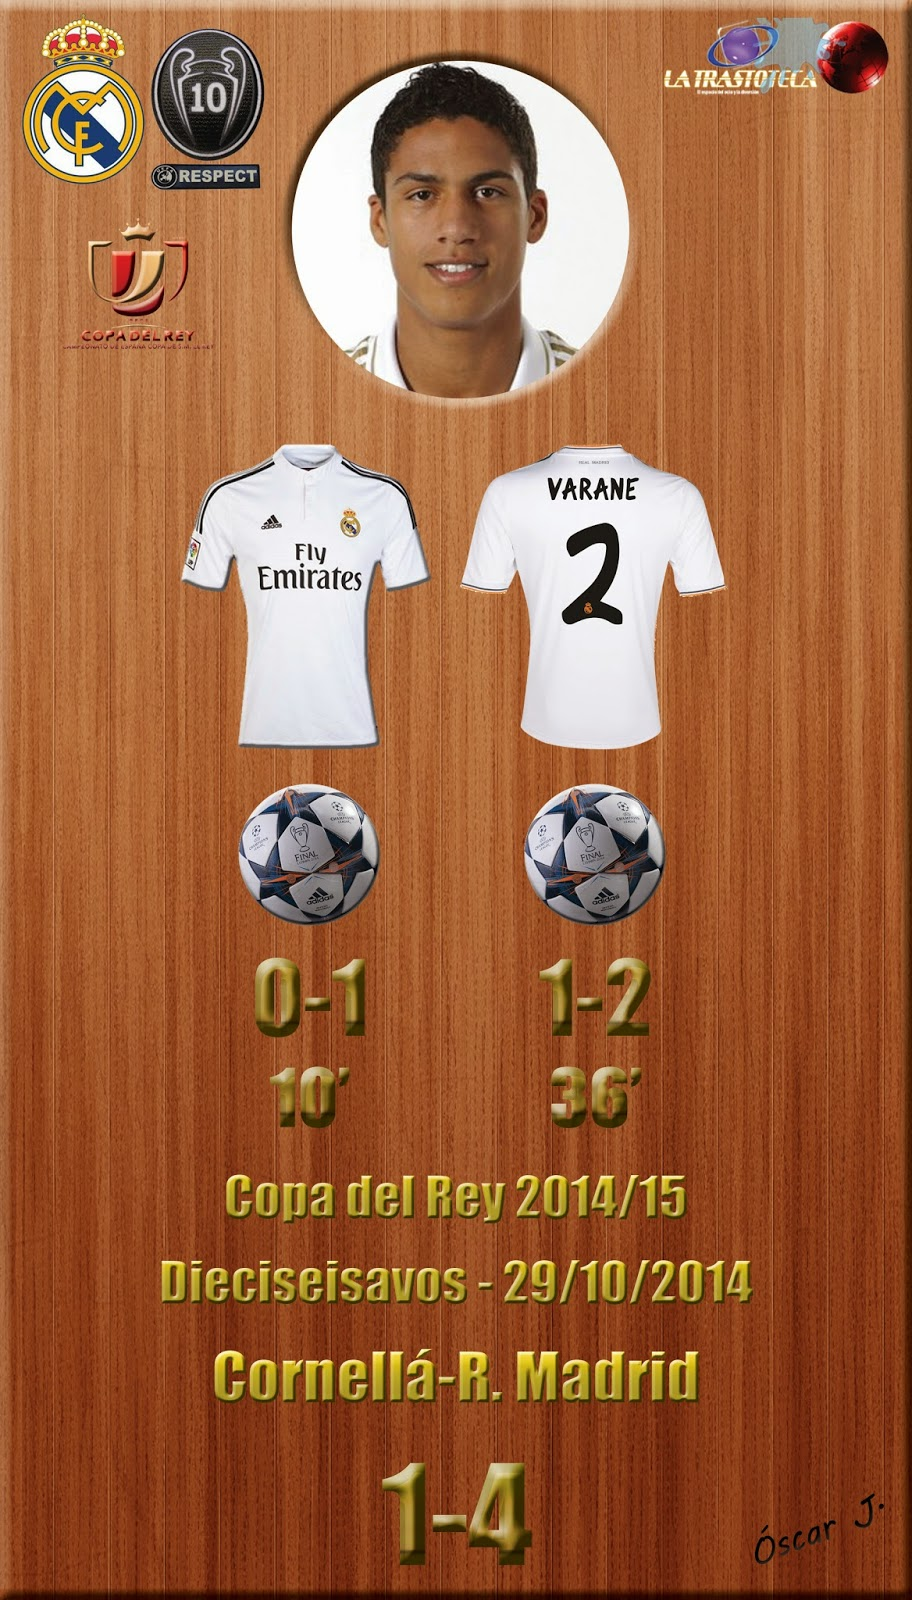 Cornellá 1-4 Real Madrid - Copa del Rey 2014/15 - (29/10/2014) - Doblete de Varane